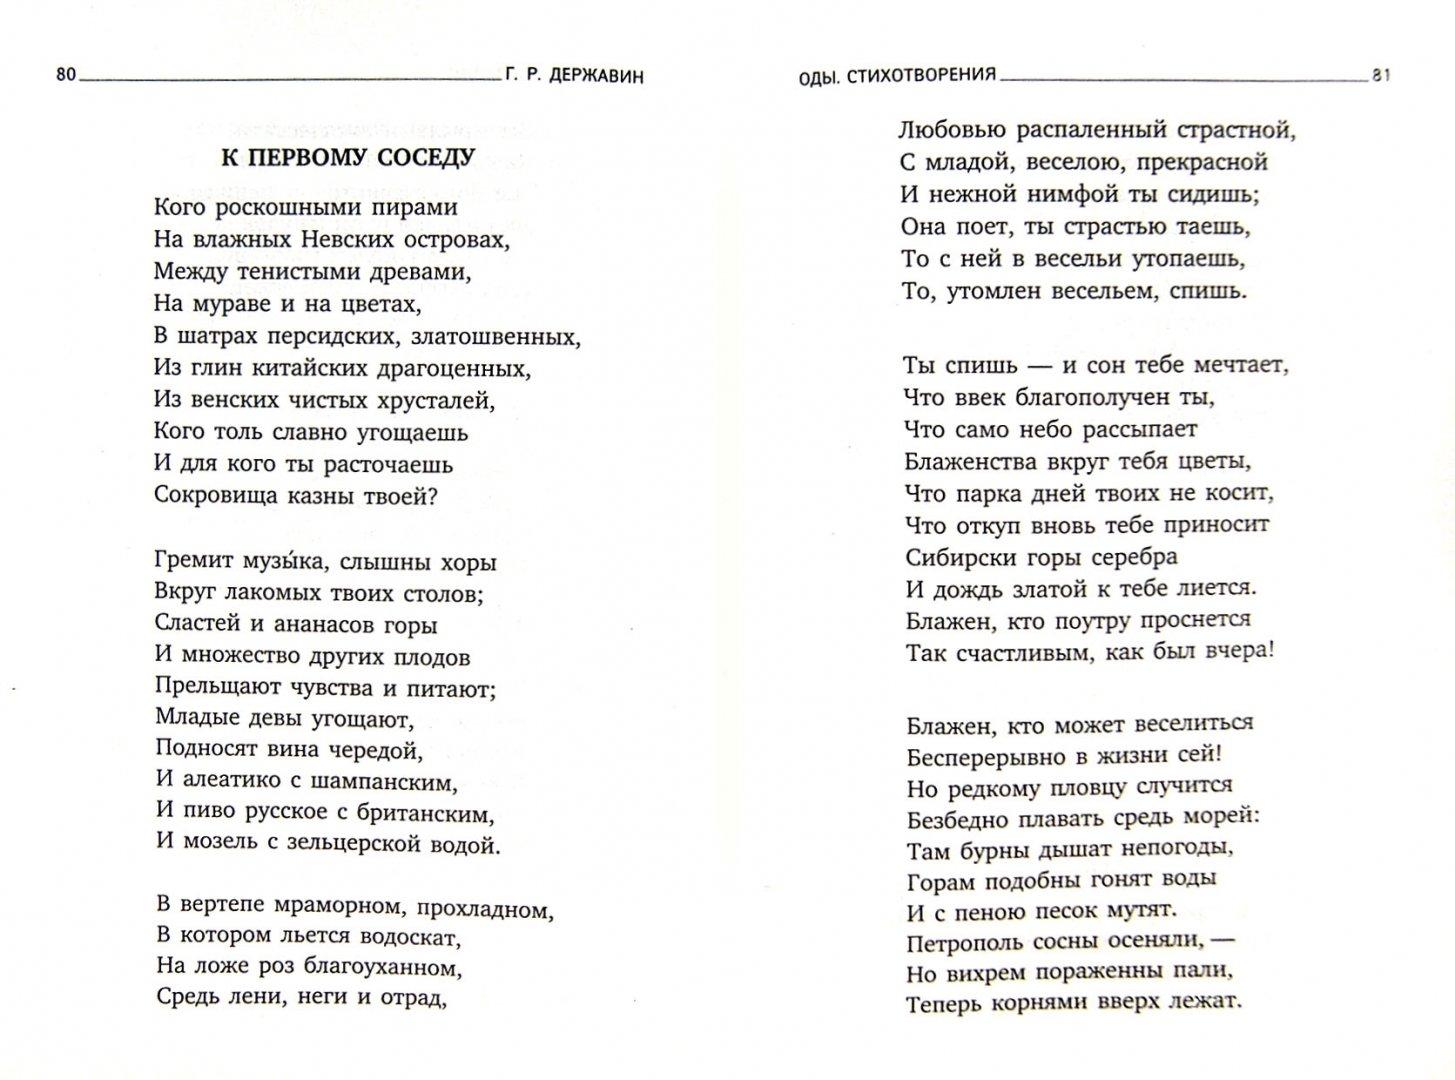 Иллюстрация 1 из 5 для Оды. Стихотворения - Ломоносов, Державин | Лабиринт - книги. Источник: Лабиринт